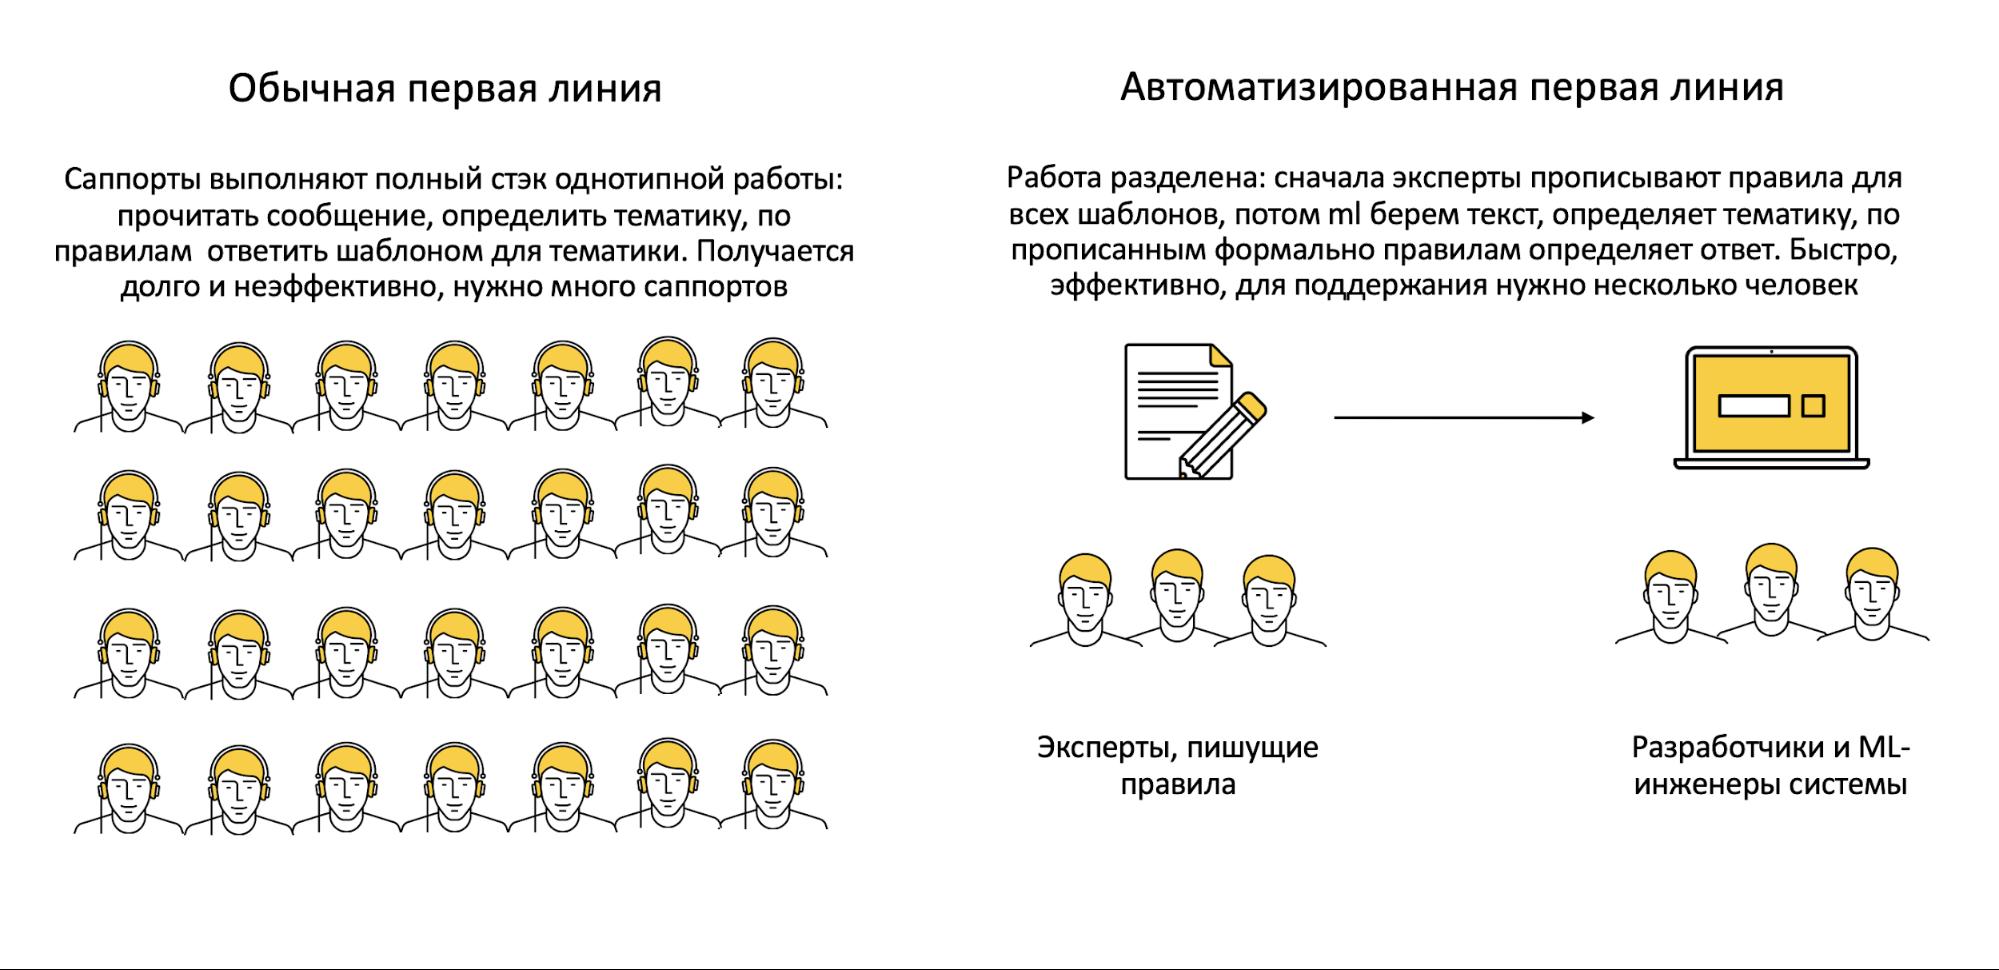 Работа яндекс модель работа в пензе для девушек вакансии